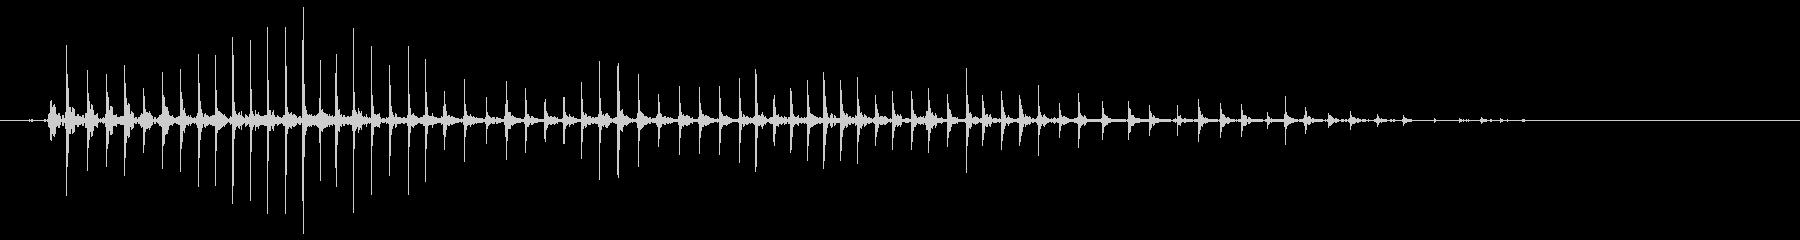 236_ホラー2 の未再生の波形